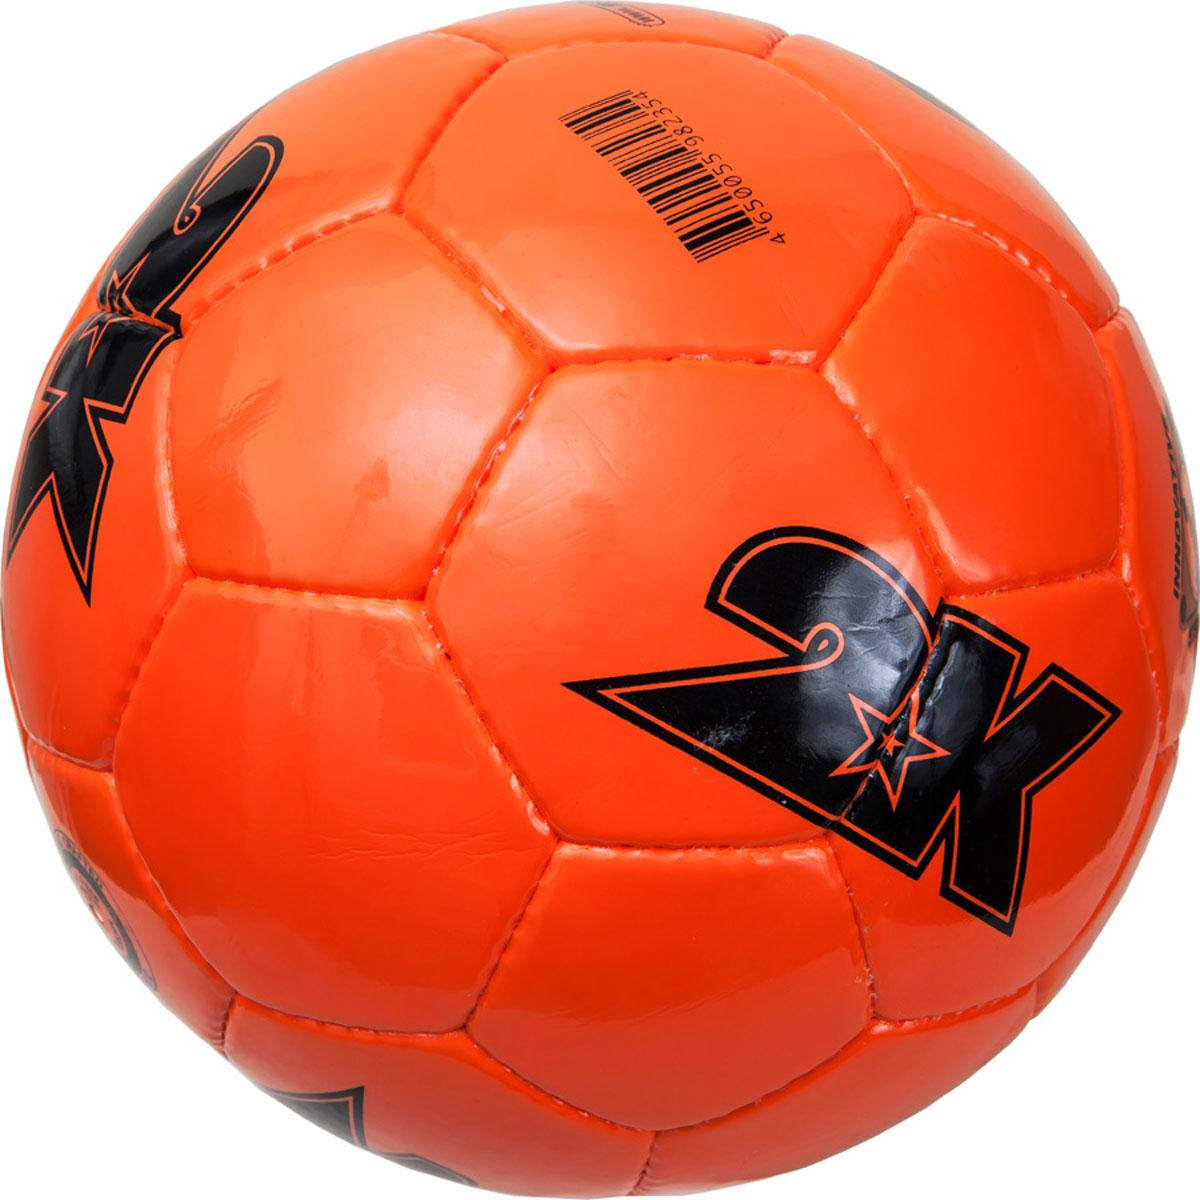 Мяч футбольный 2K Sport Merkury, цвет: оранжевый, черный. Размер 5127062Любительский футбольный мяч 2K Sport Merkury изготовлен из полиуретана, полиэстера и хлопка. Сшивка производилась вручную. Швы проклеены для герметизации.